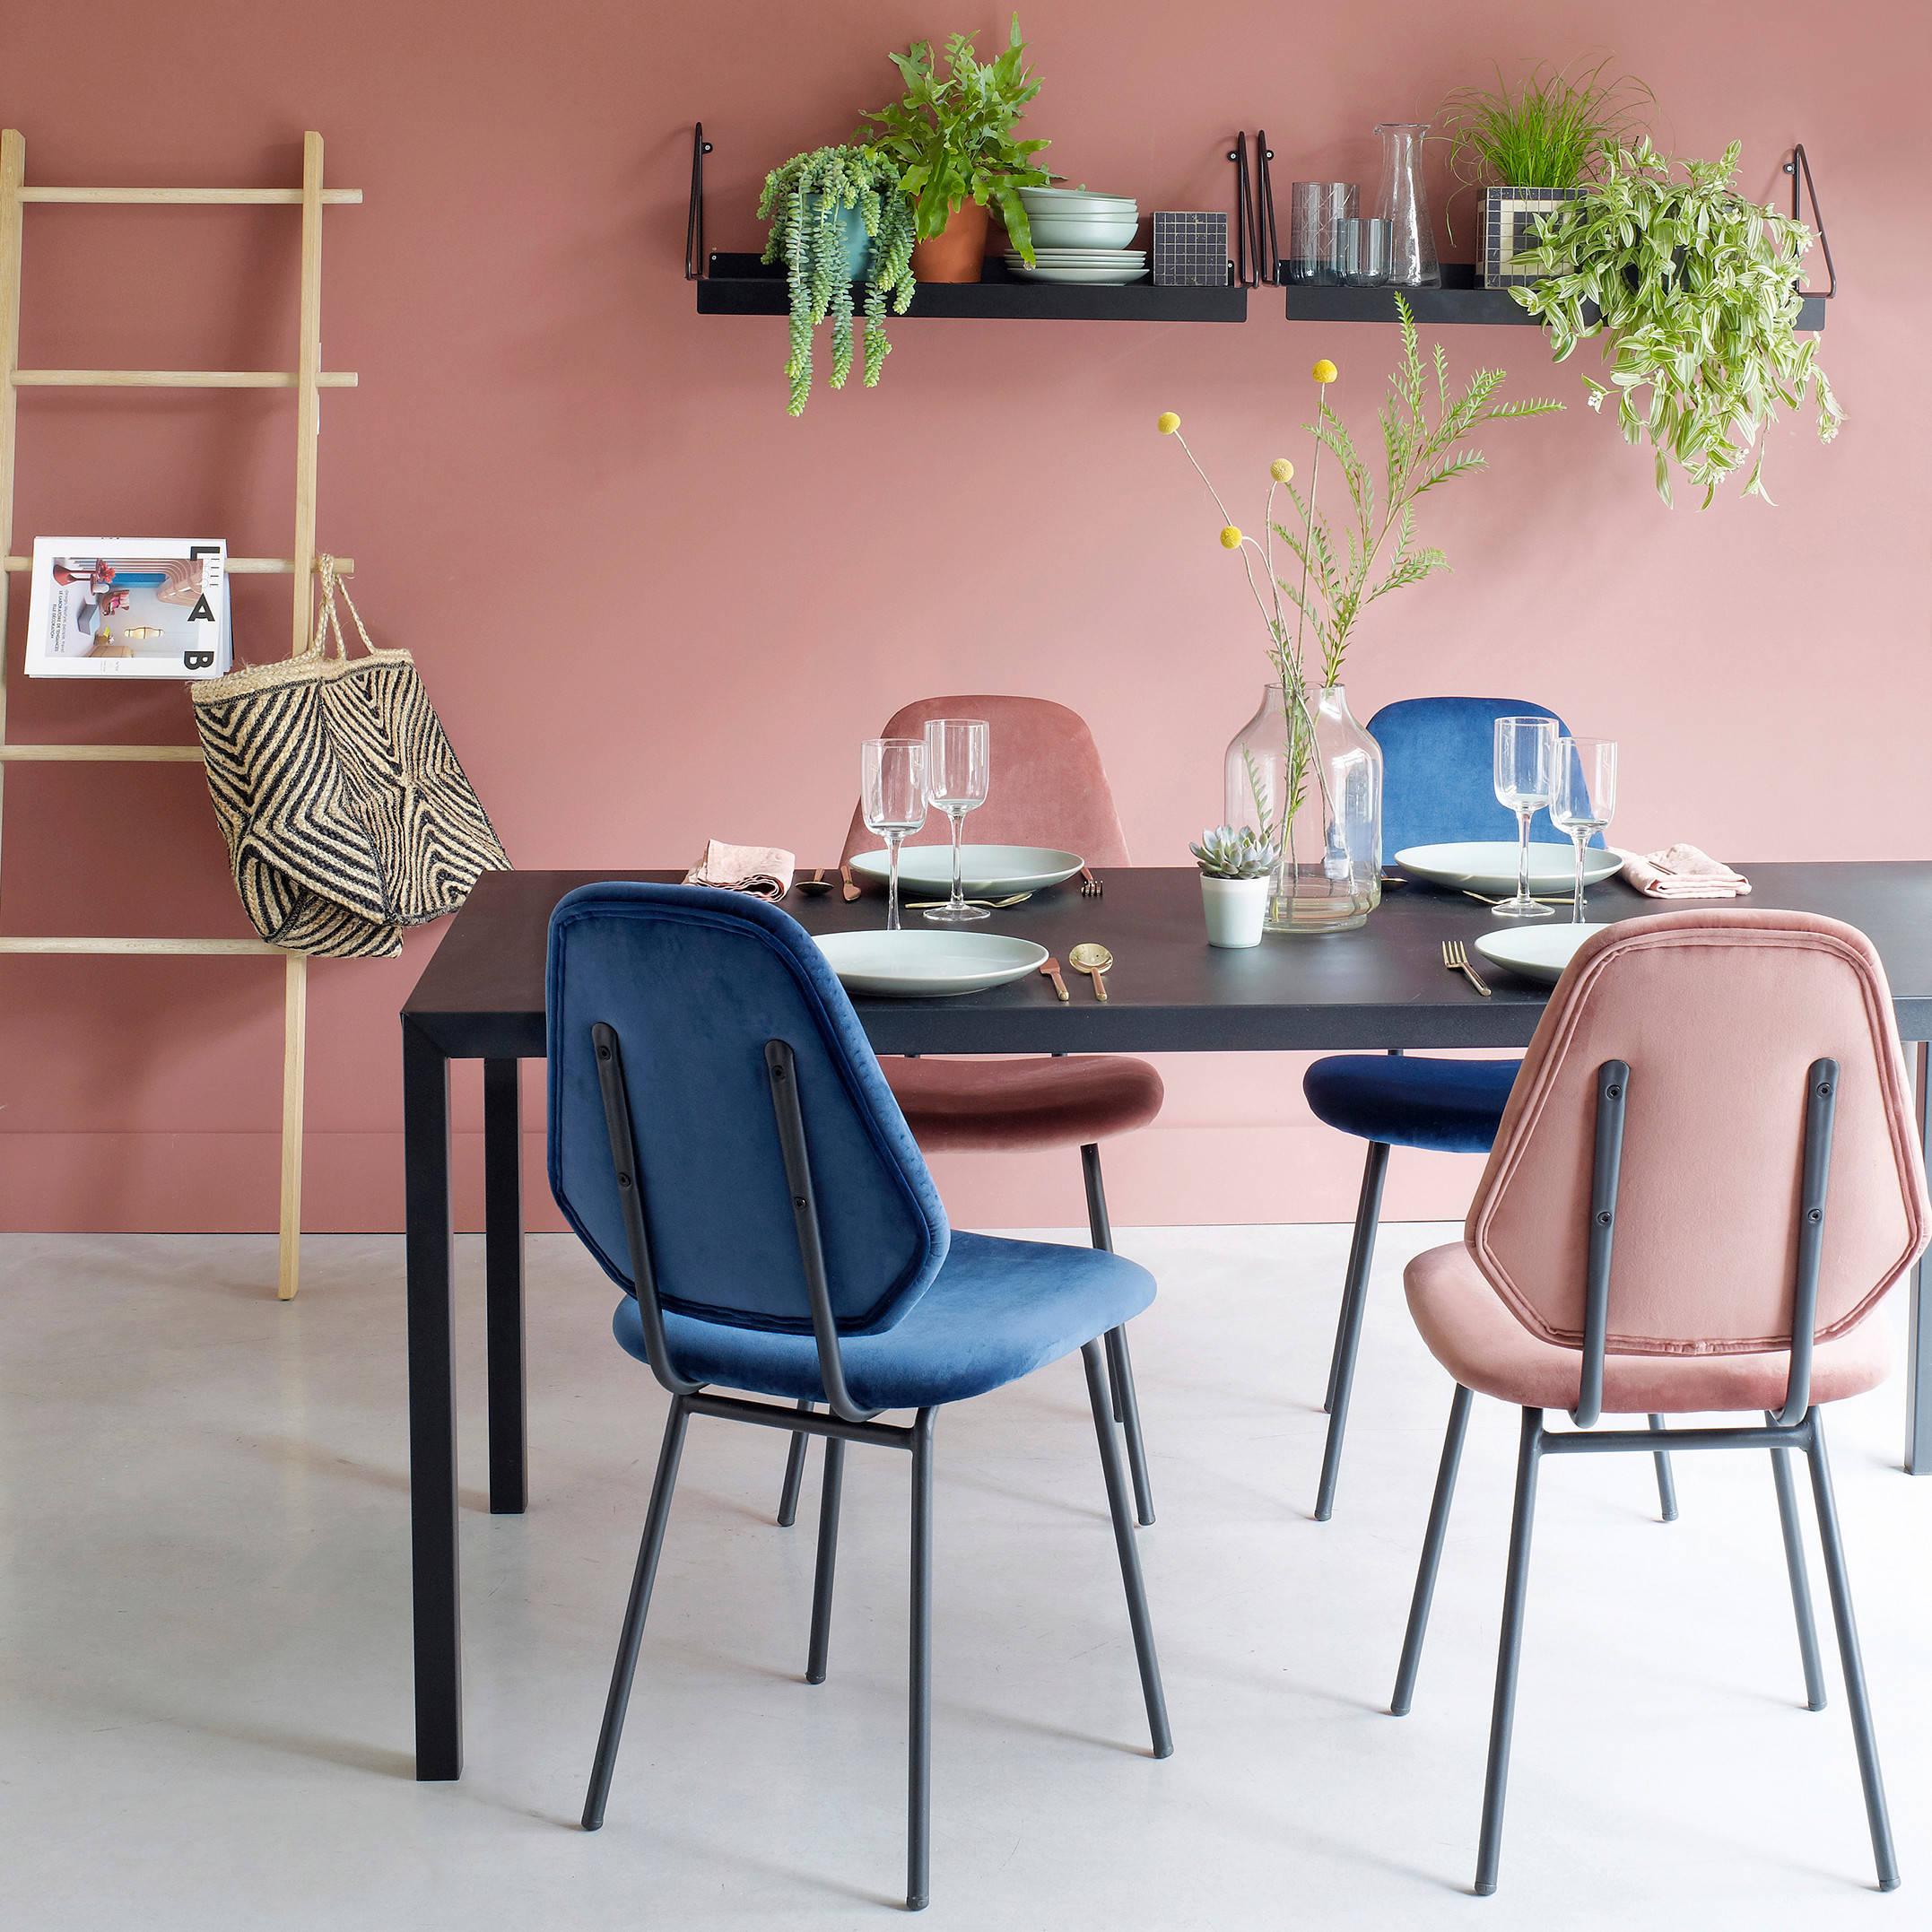 Une table en plastique noir contraste dans une entreprise avec des chaises colorées